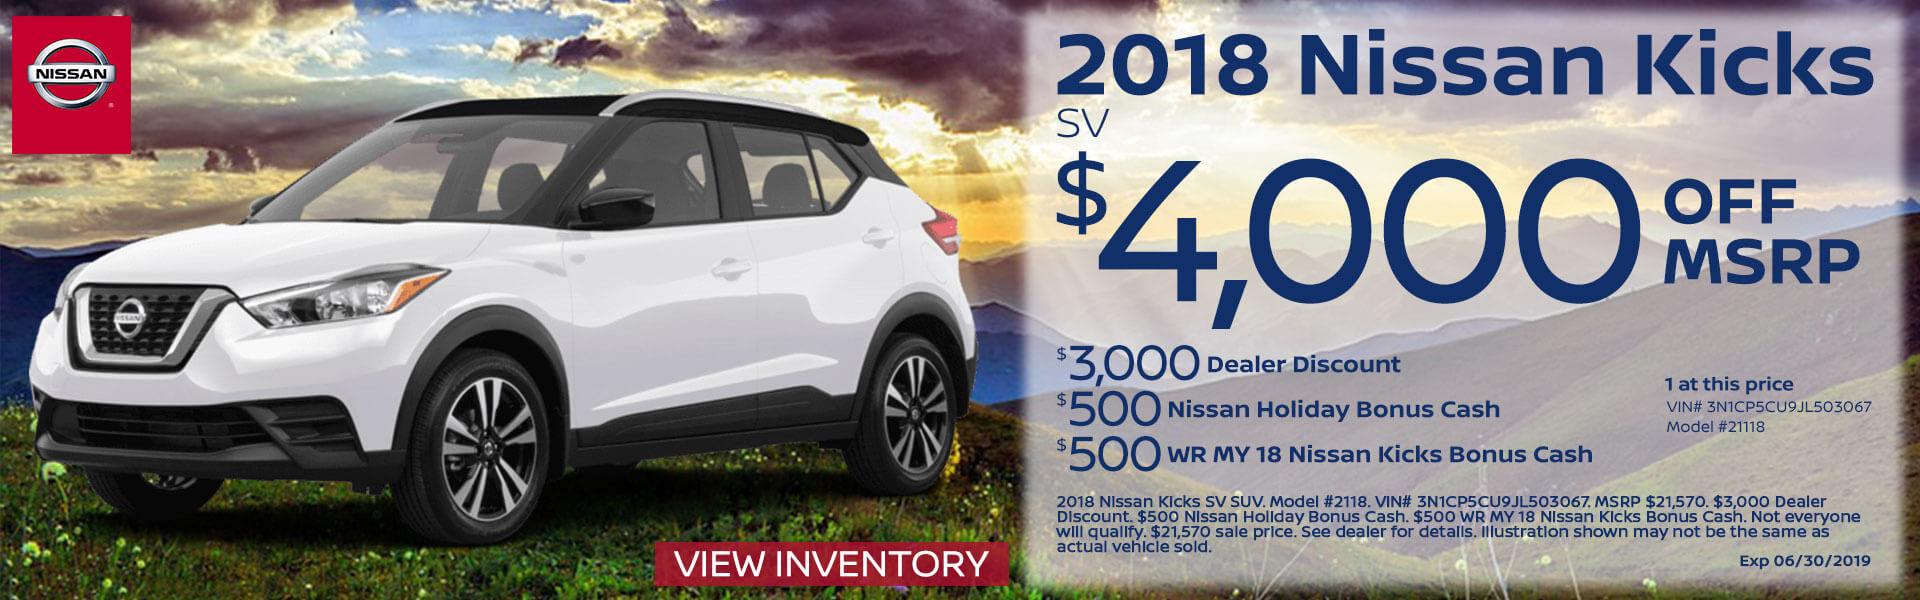 588 New cars, trucks, and SUVs in stock in Glendale, Simi